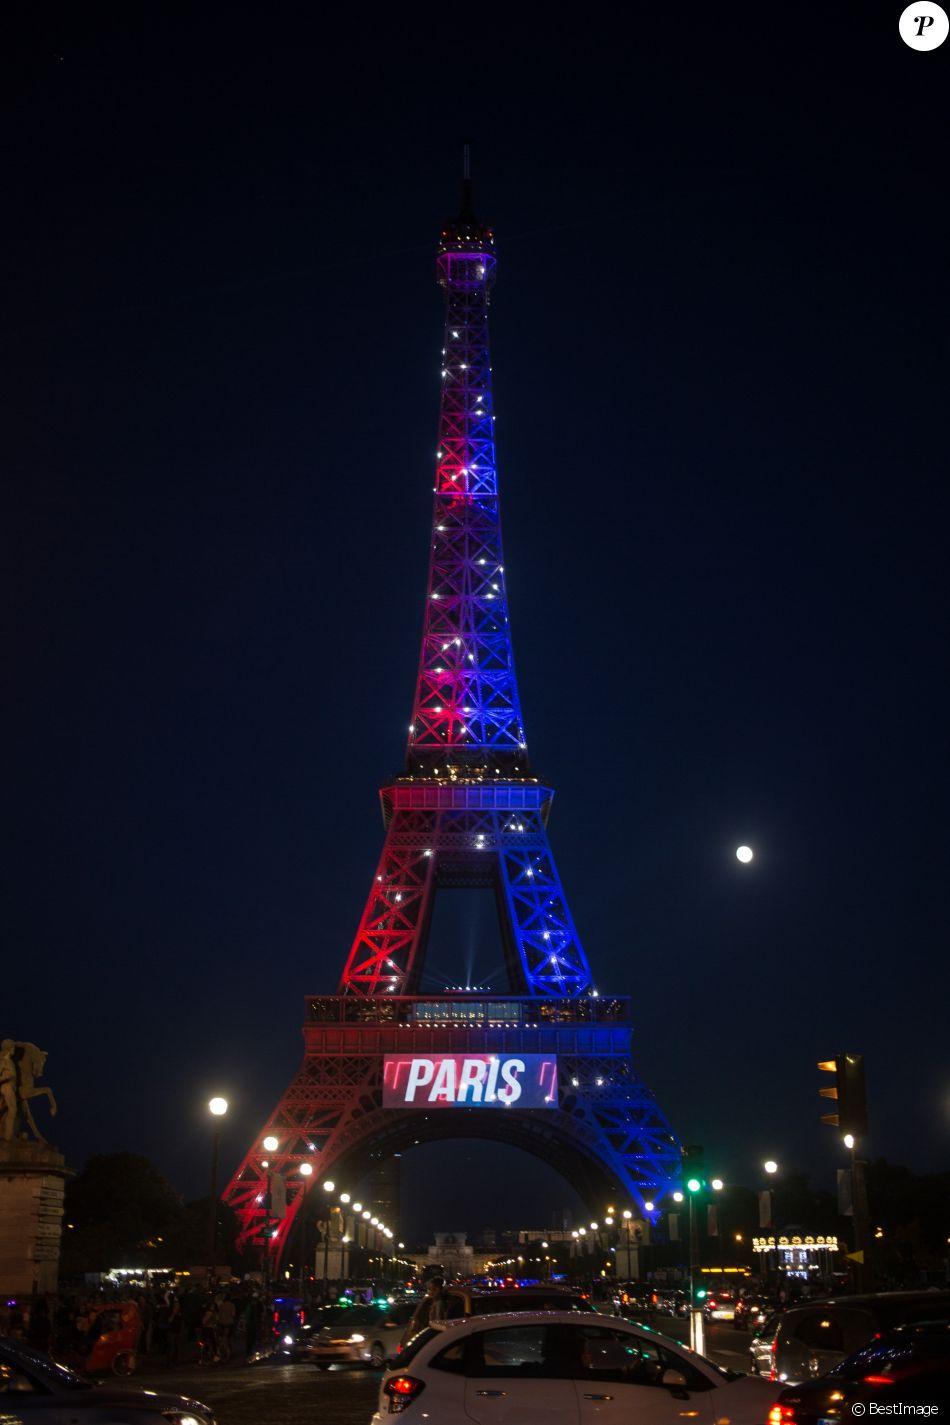 La tour eiffel clair e l 39 effigie du footballeur neymar - Tour eiffel image ...